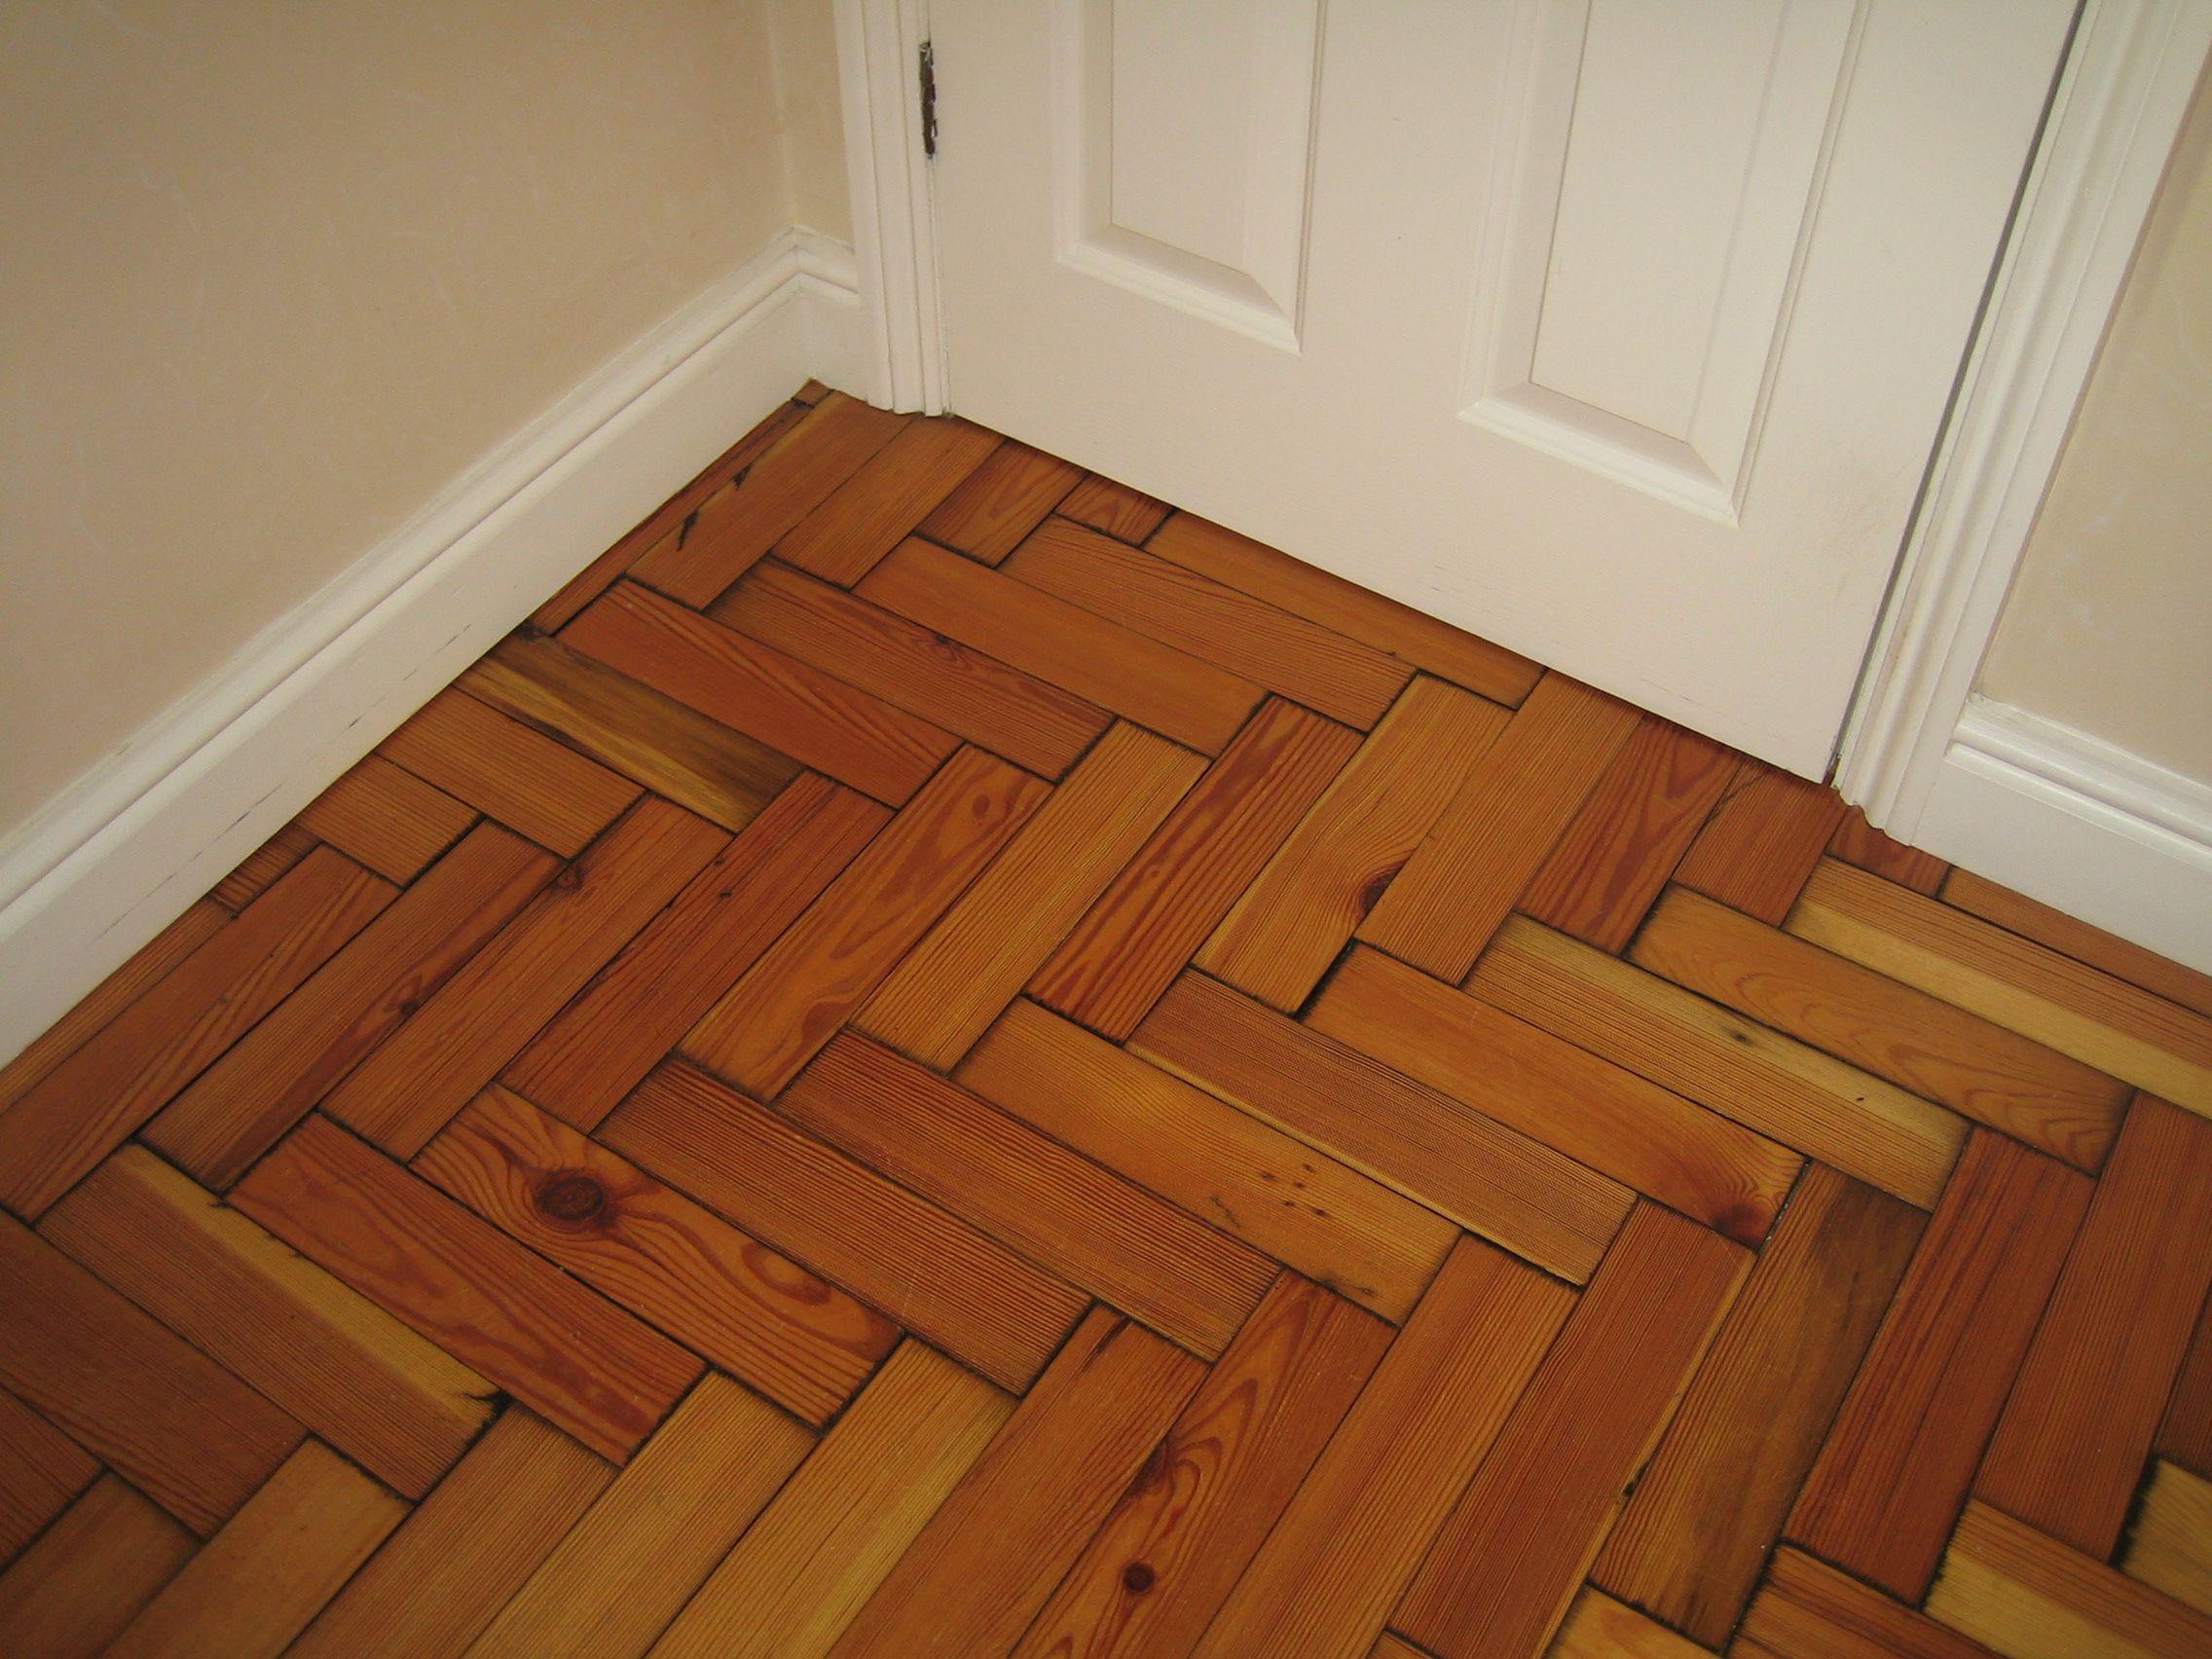 17 best images about floor ideas on pinterest flooring ideas curves and hardwood floors - Flooring Design Ideas